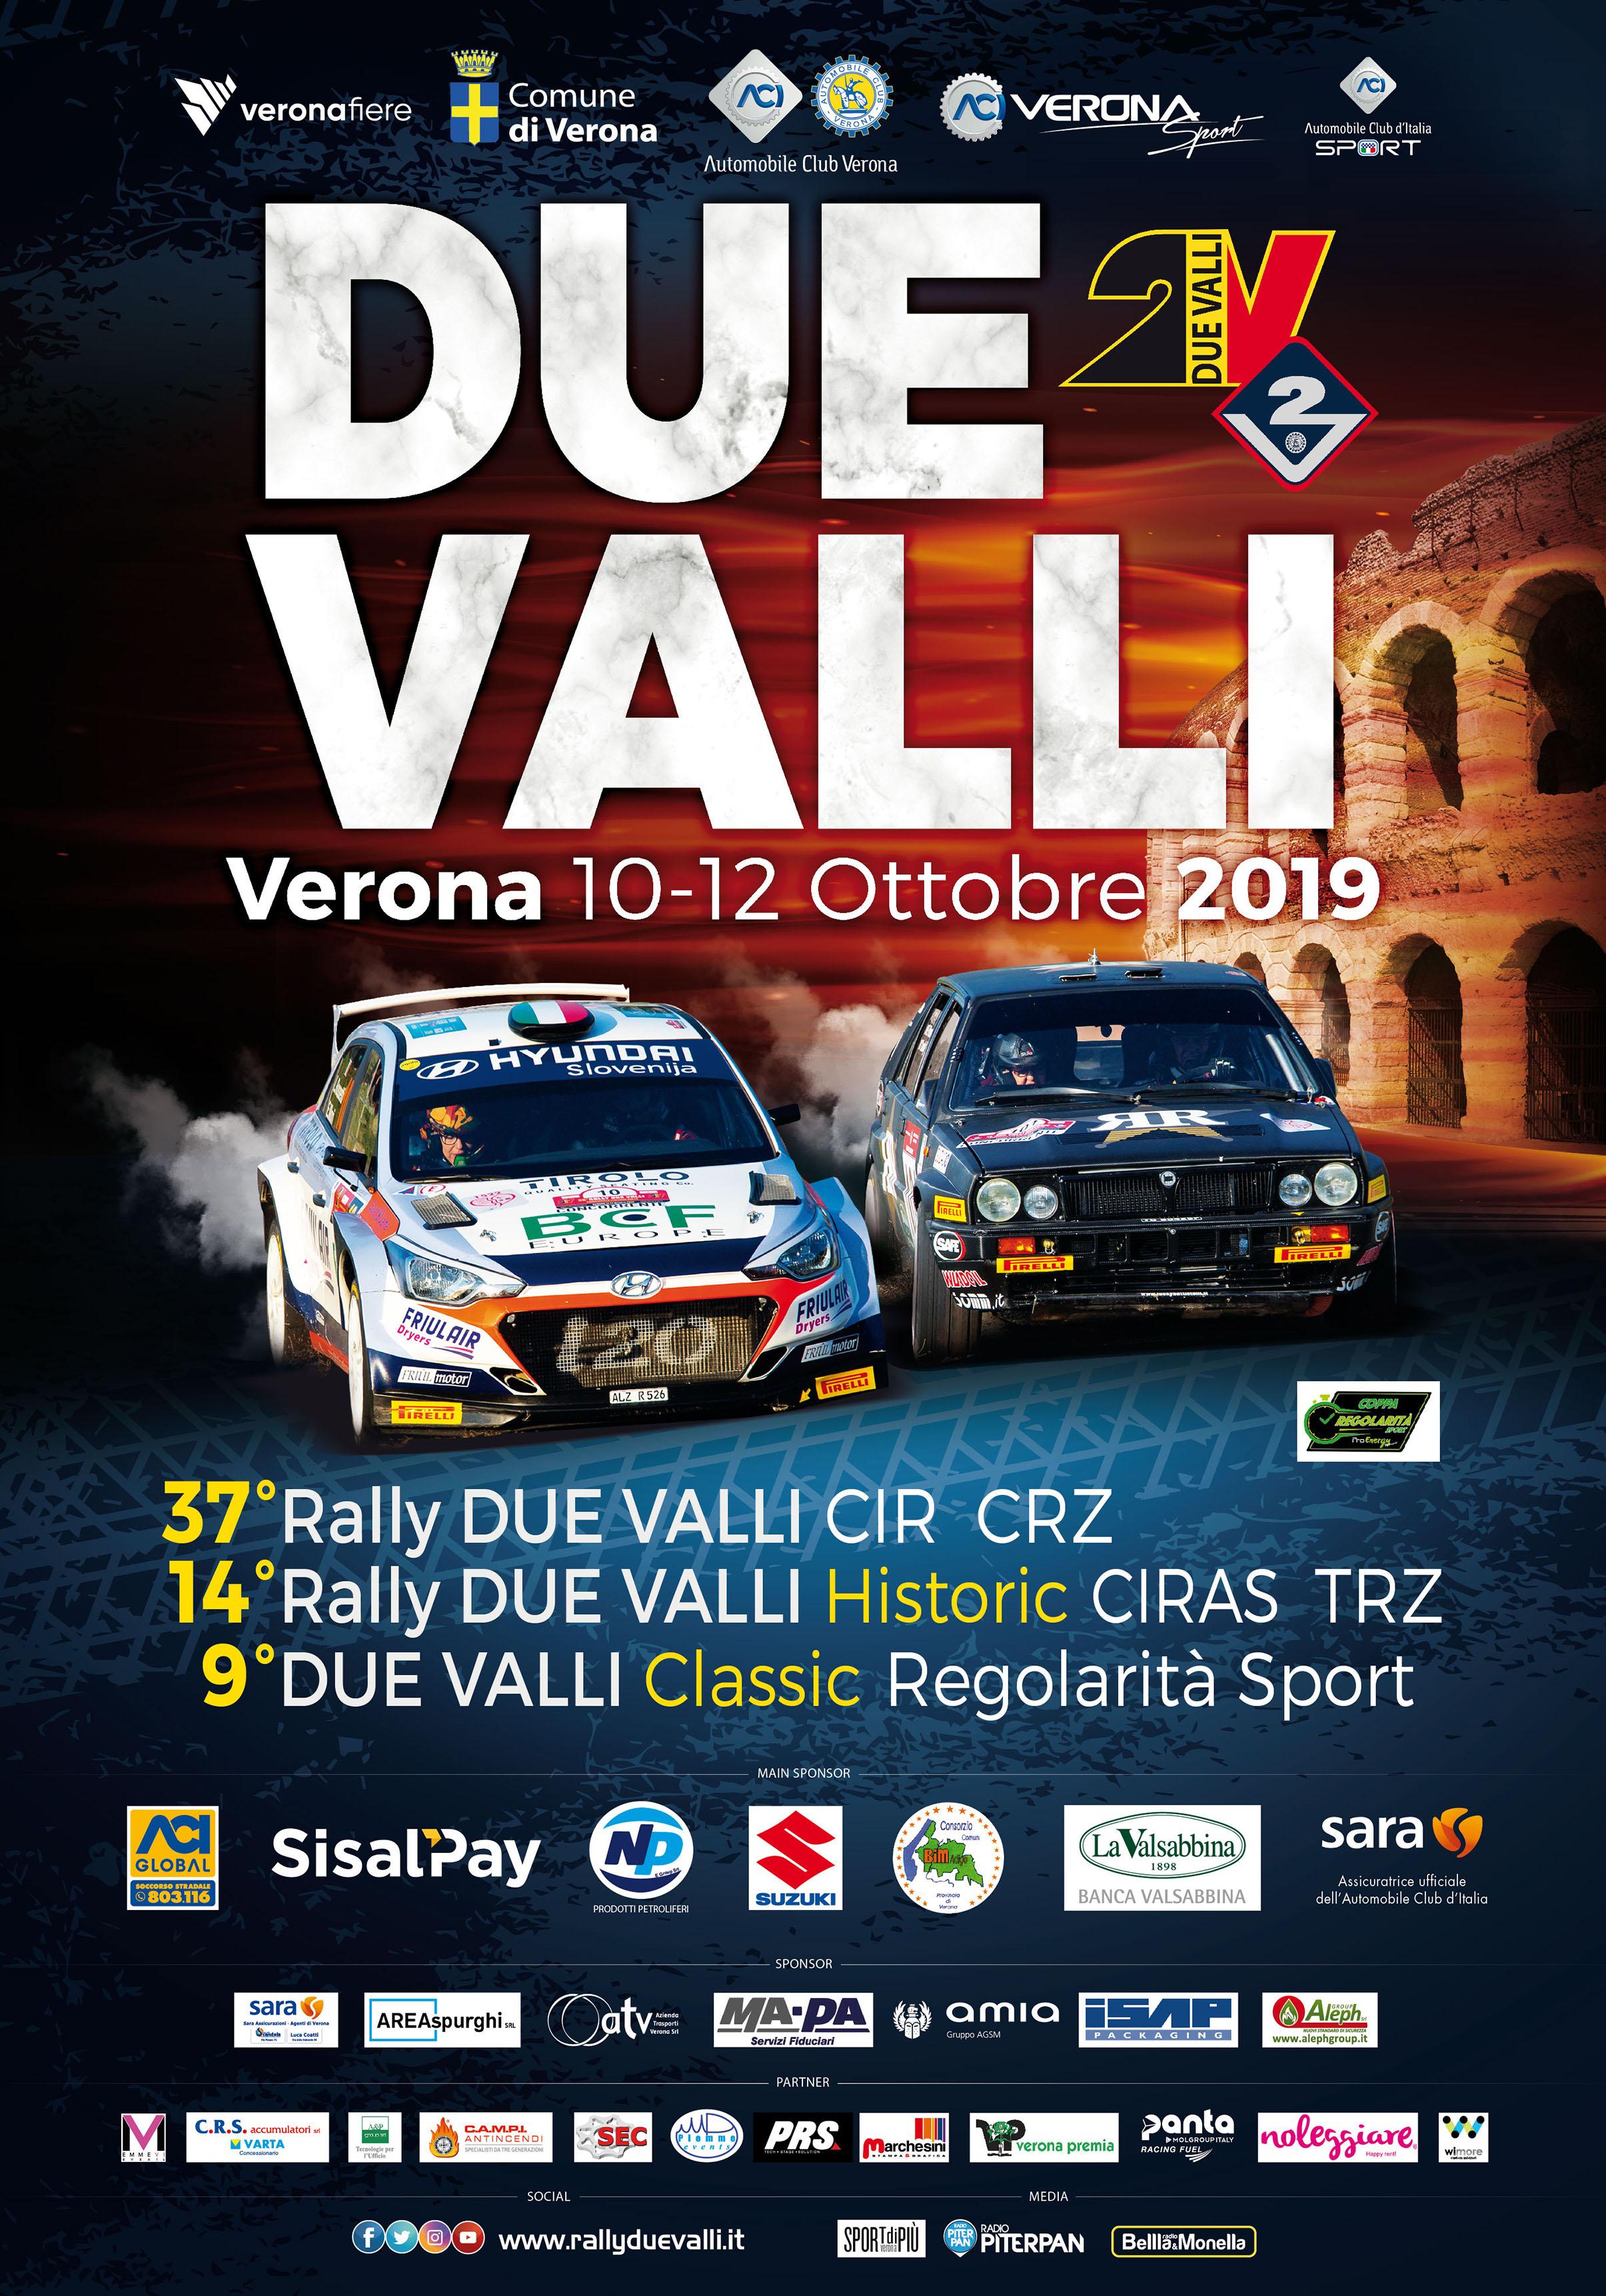 Rally Dye Valli manifesto | Banca Valsabbina